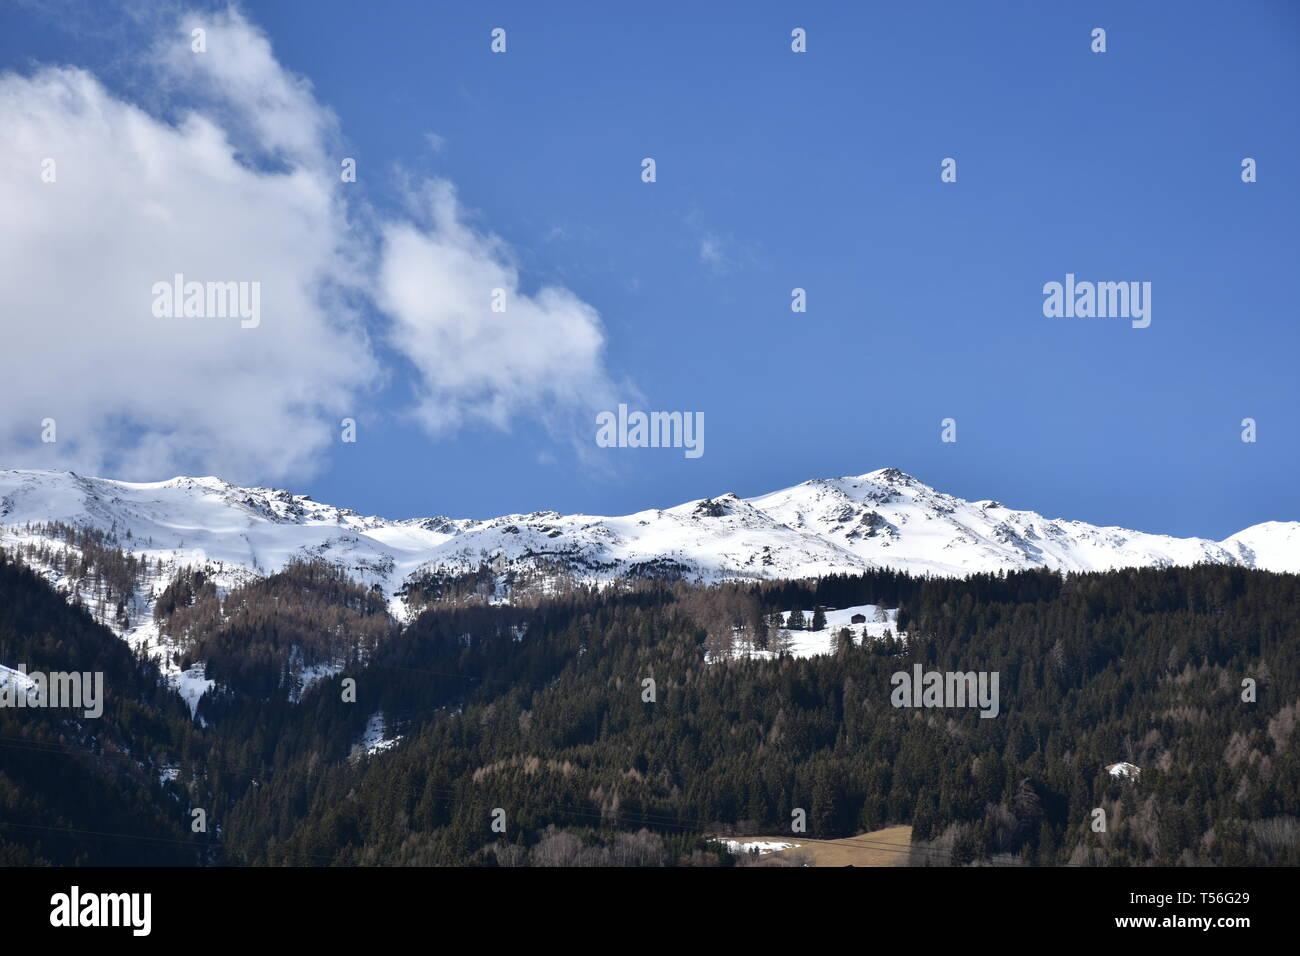 Osttirol, Ainet, Iseltal, Schobergruppe, Hochschober, Dorf, Weg, Straße, Feld, Siedlung, Kirche, Tal, Feld, Felder, Landwirtschaft, Frühling, Kirchtur Stock Photo